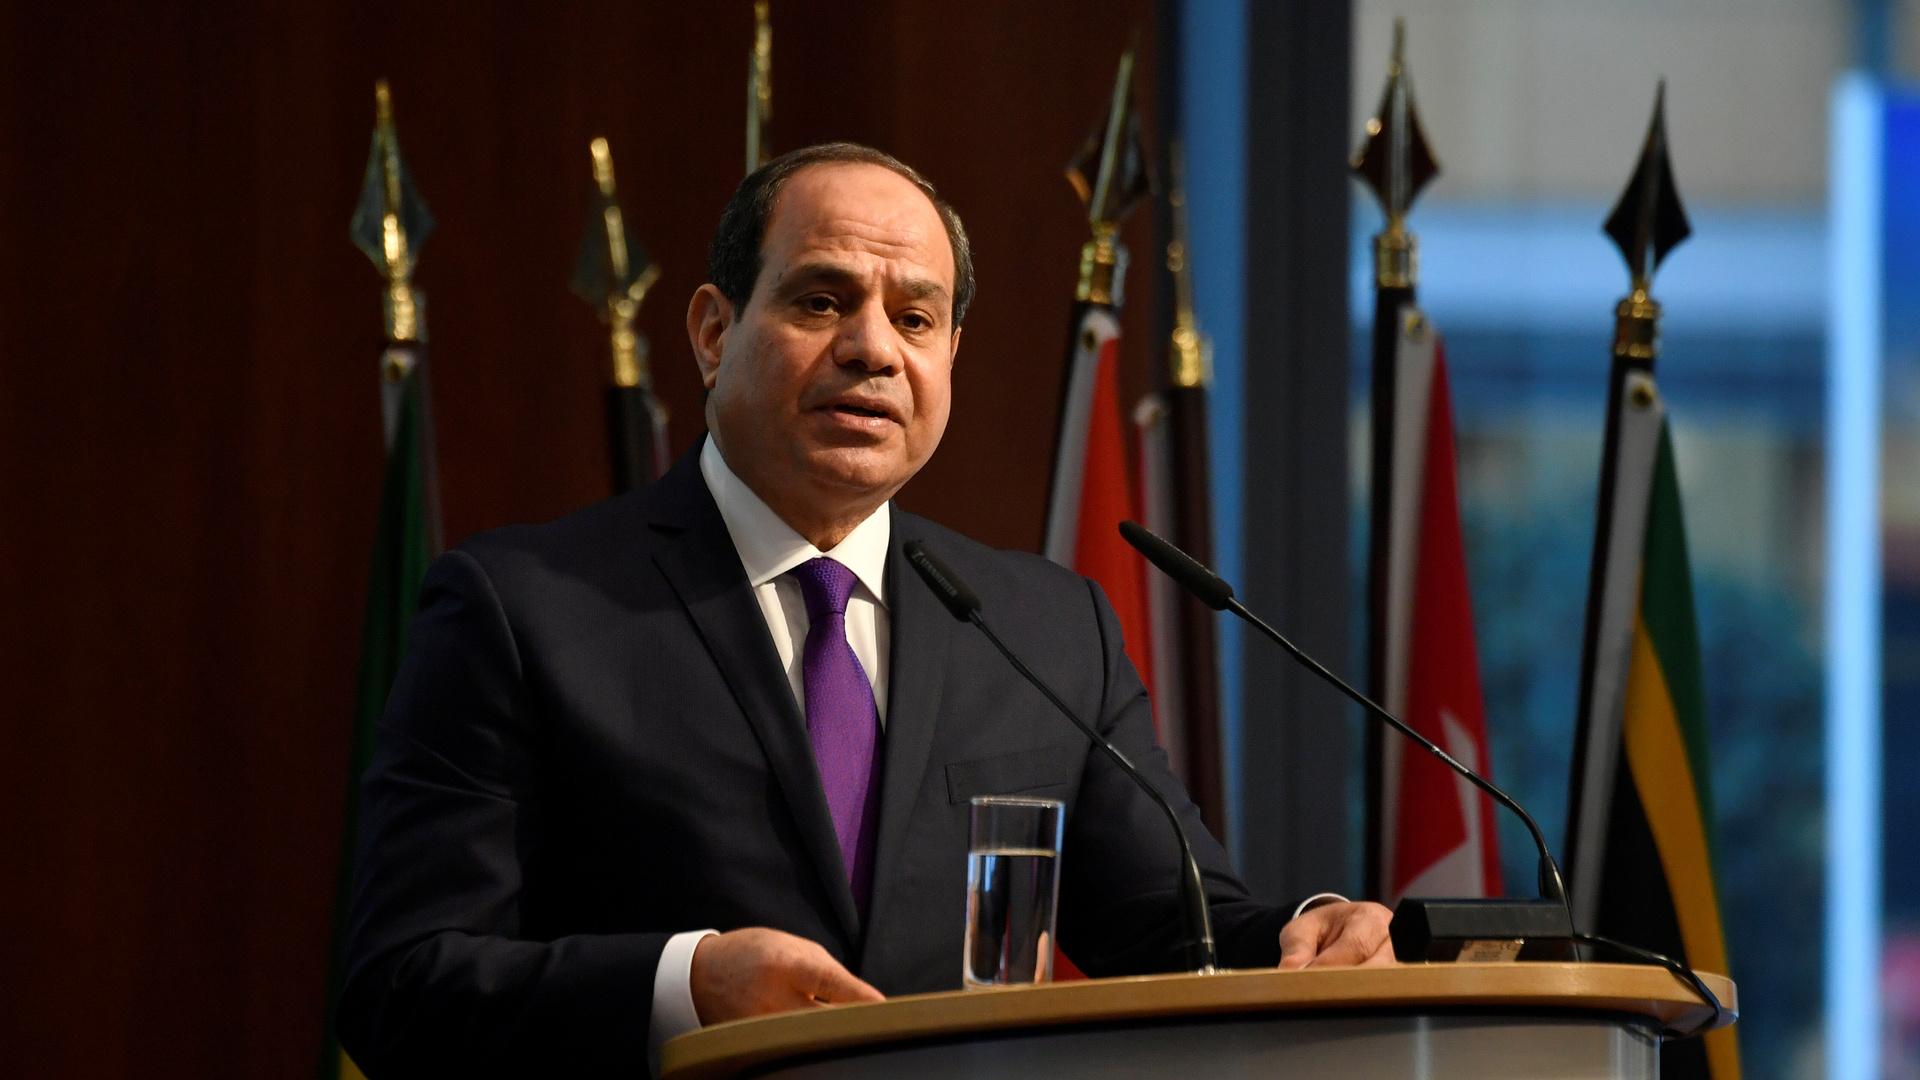 السيسي يطالب القوات الجوية بالاستعداد لتنفيذ مهام خارج مصر